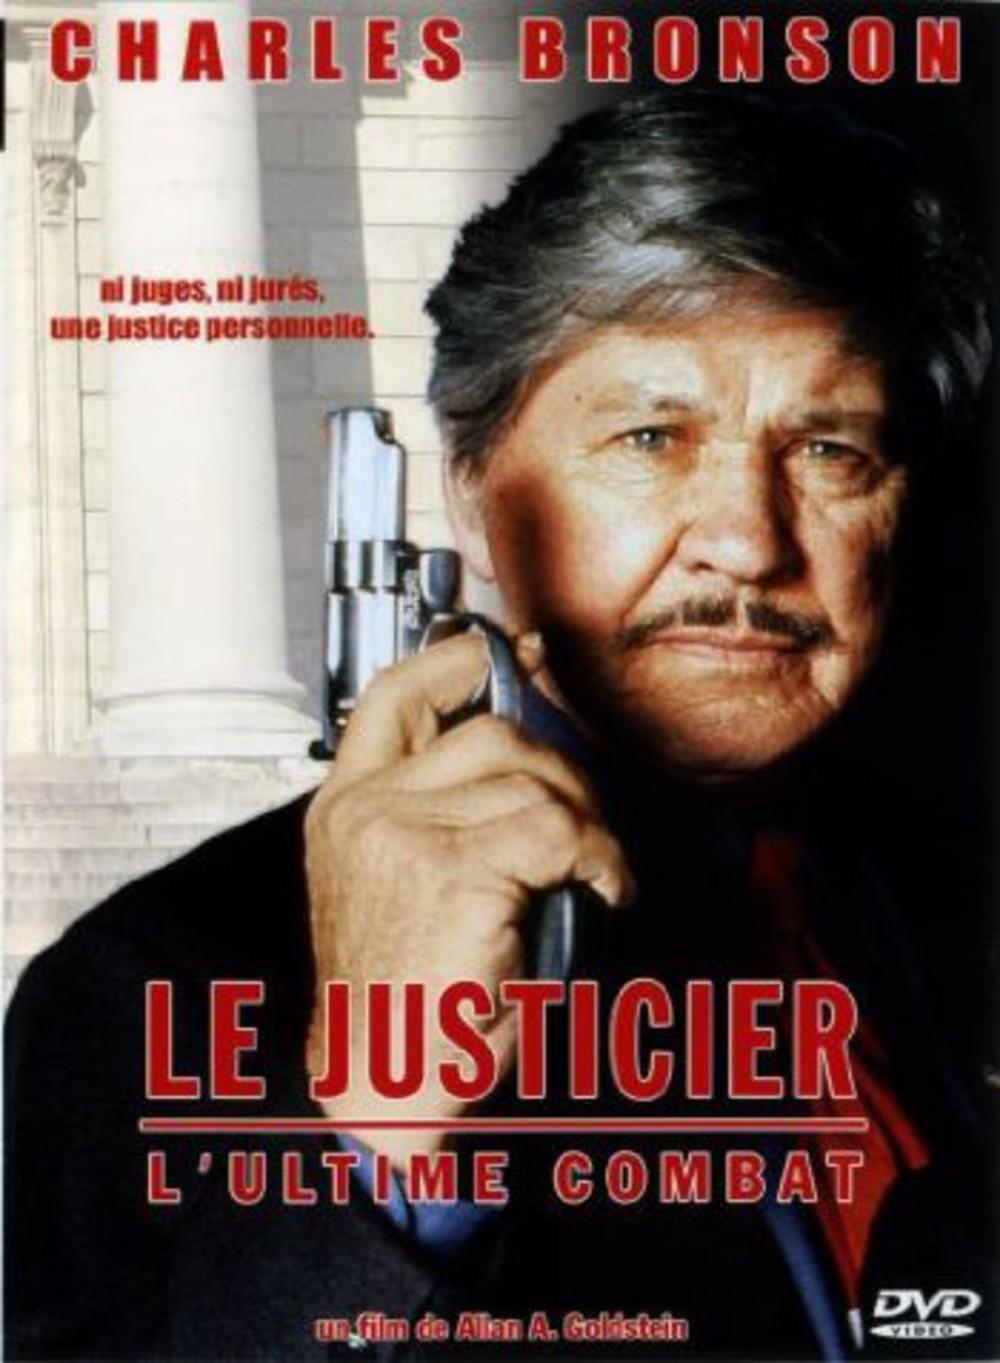 affiche du film Le Justicier: L'ultime combat